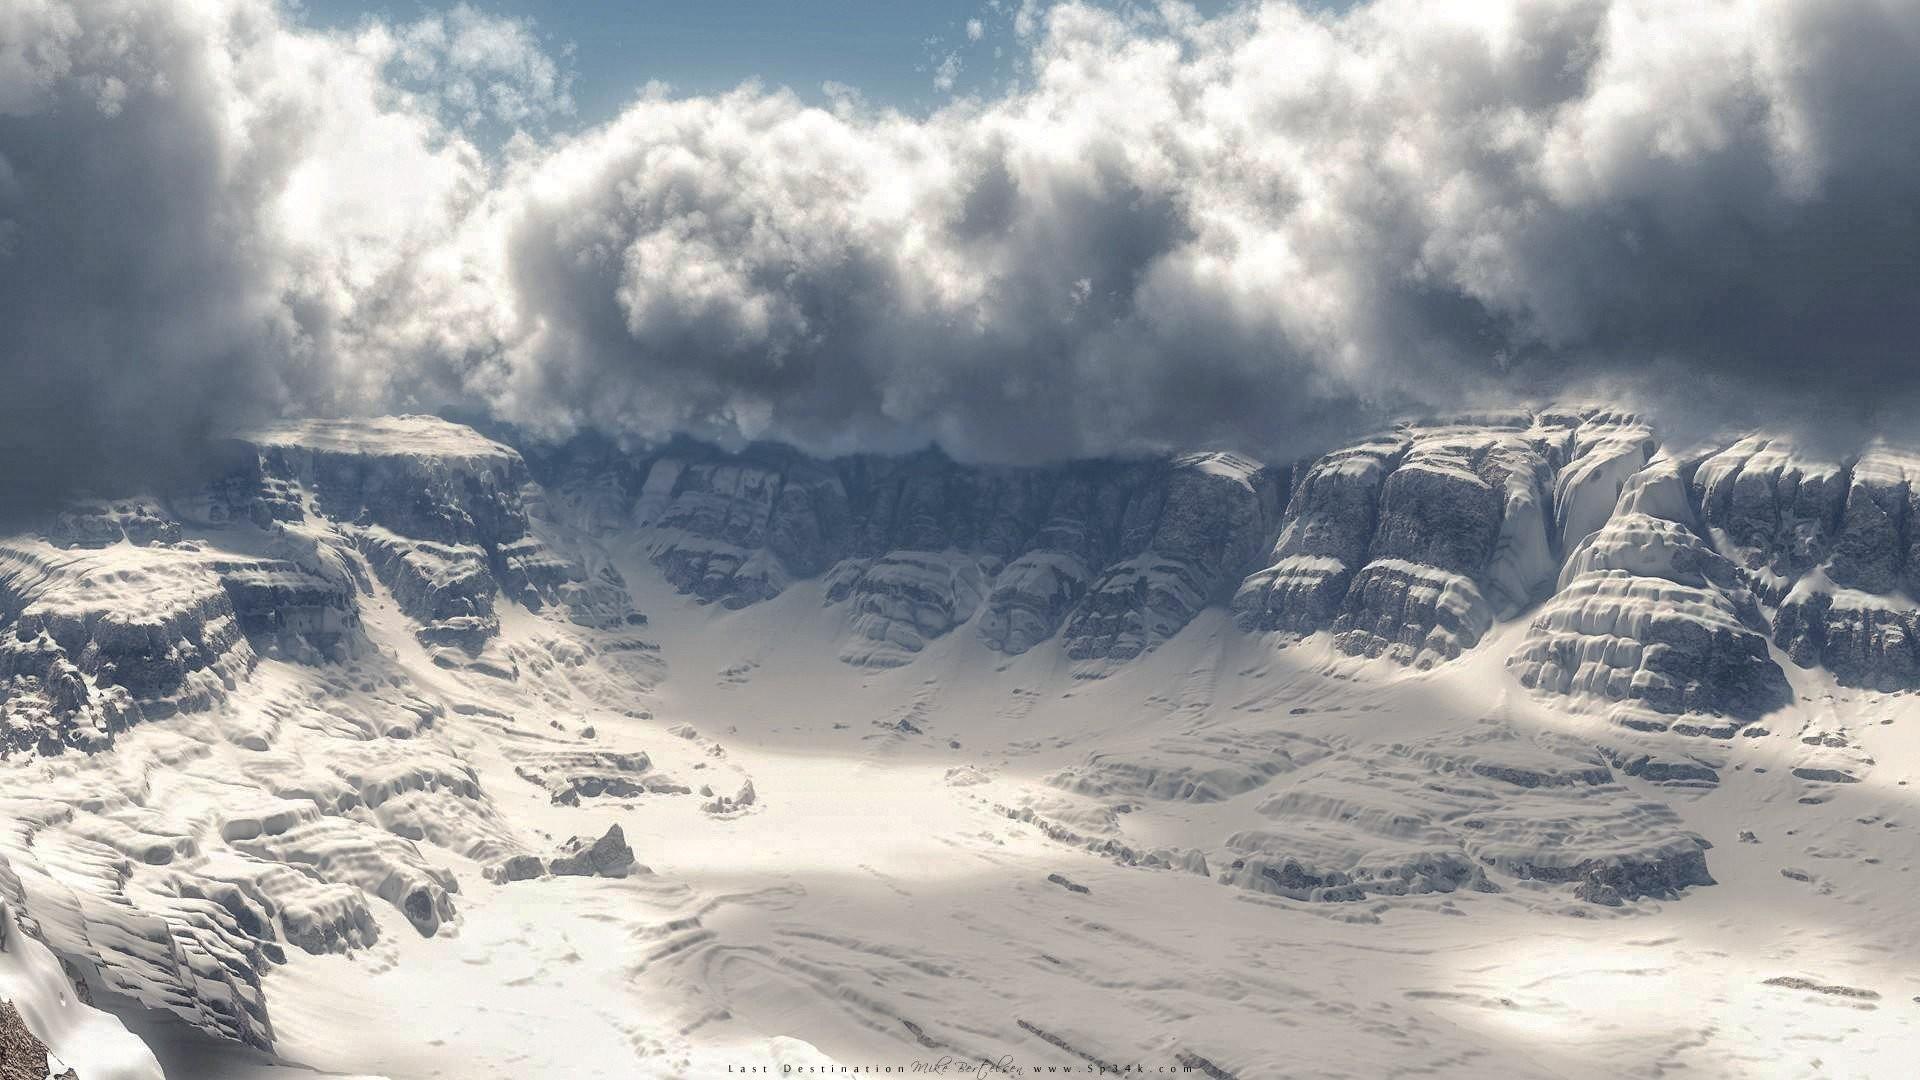 snow storm wallpaper